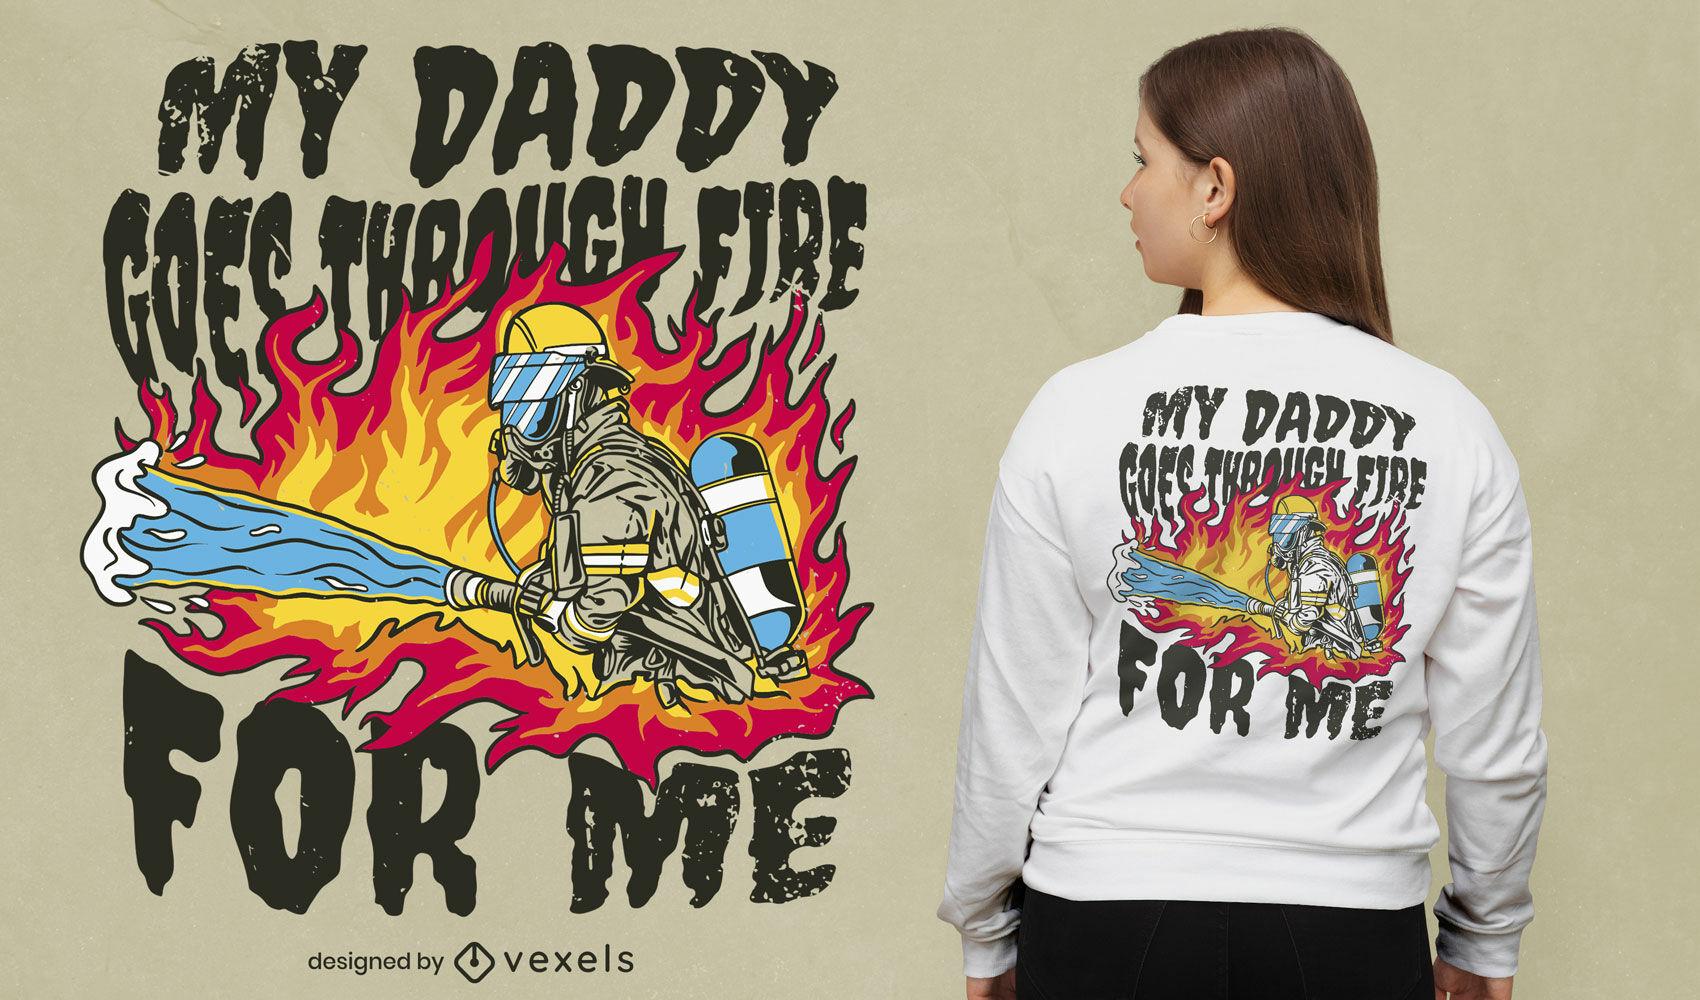 Cool firefighter dad t-shirt design